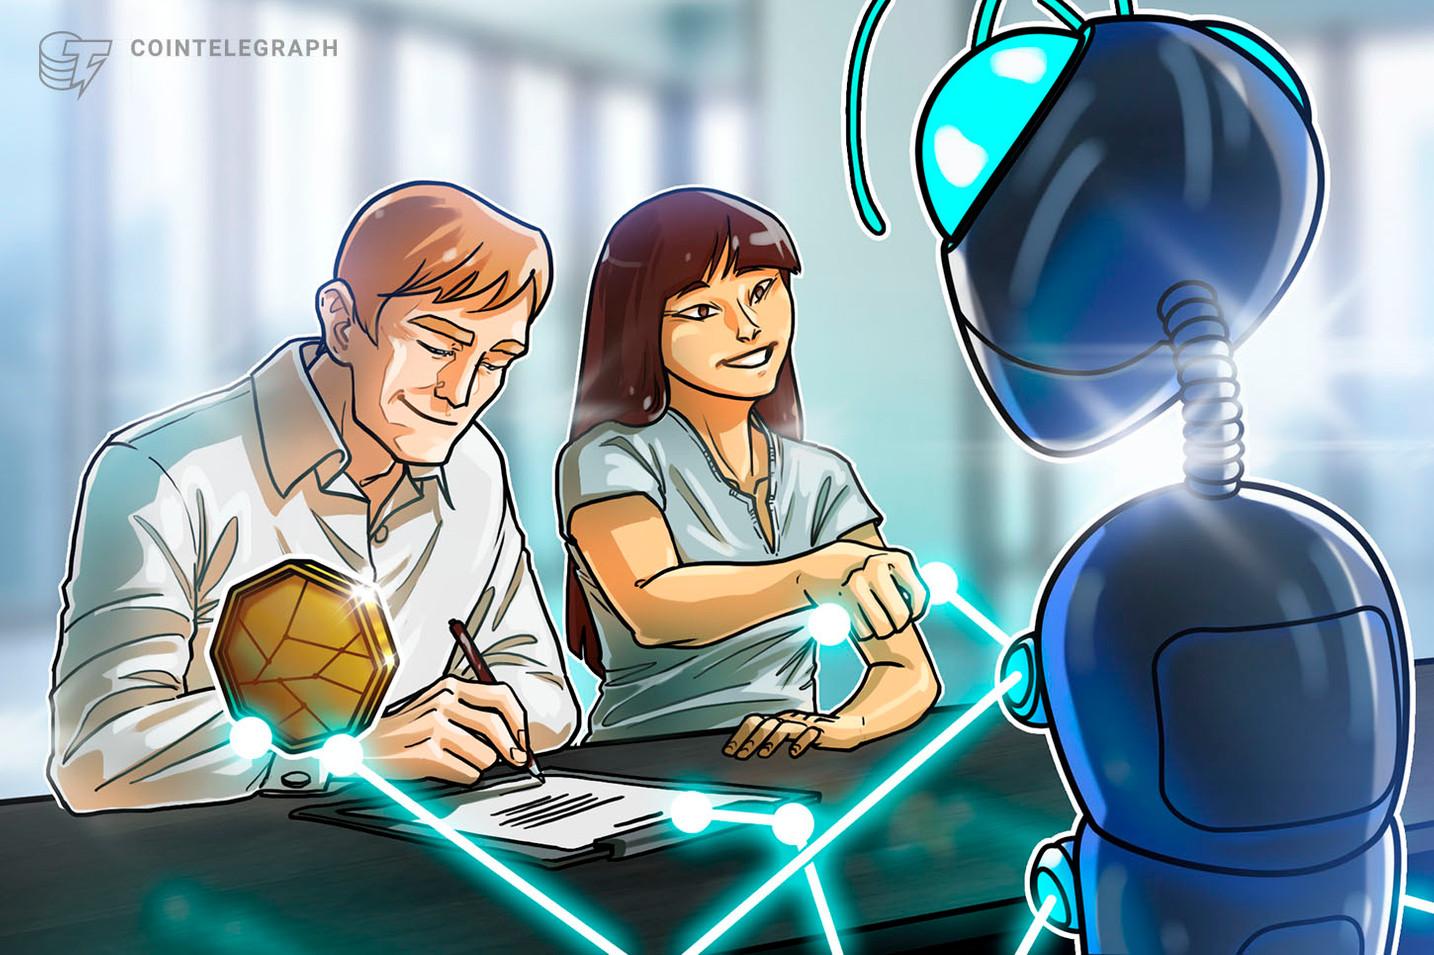 Celsius comenzará a ofrecer intereses compuestos en los depósitos de criptomonedas